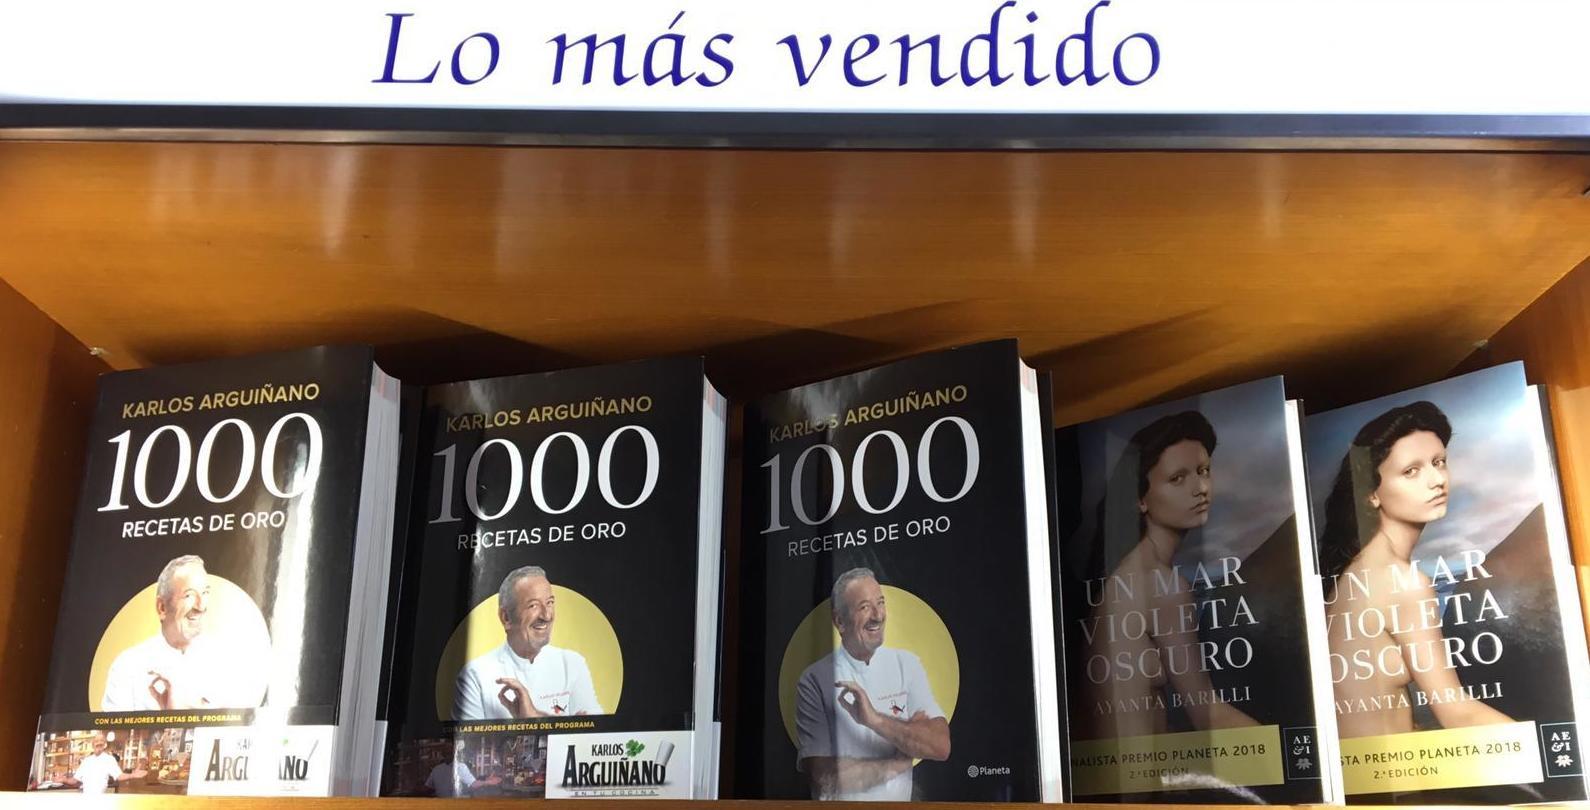 los libro más vendidos